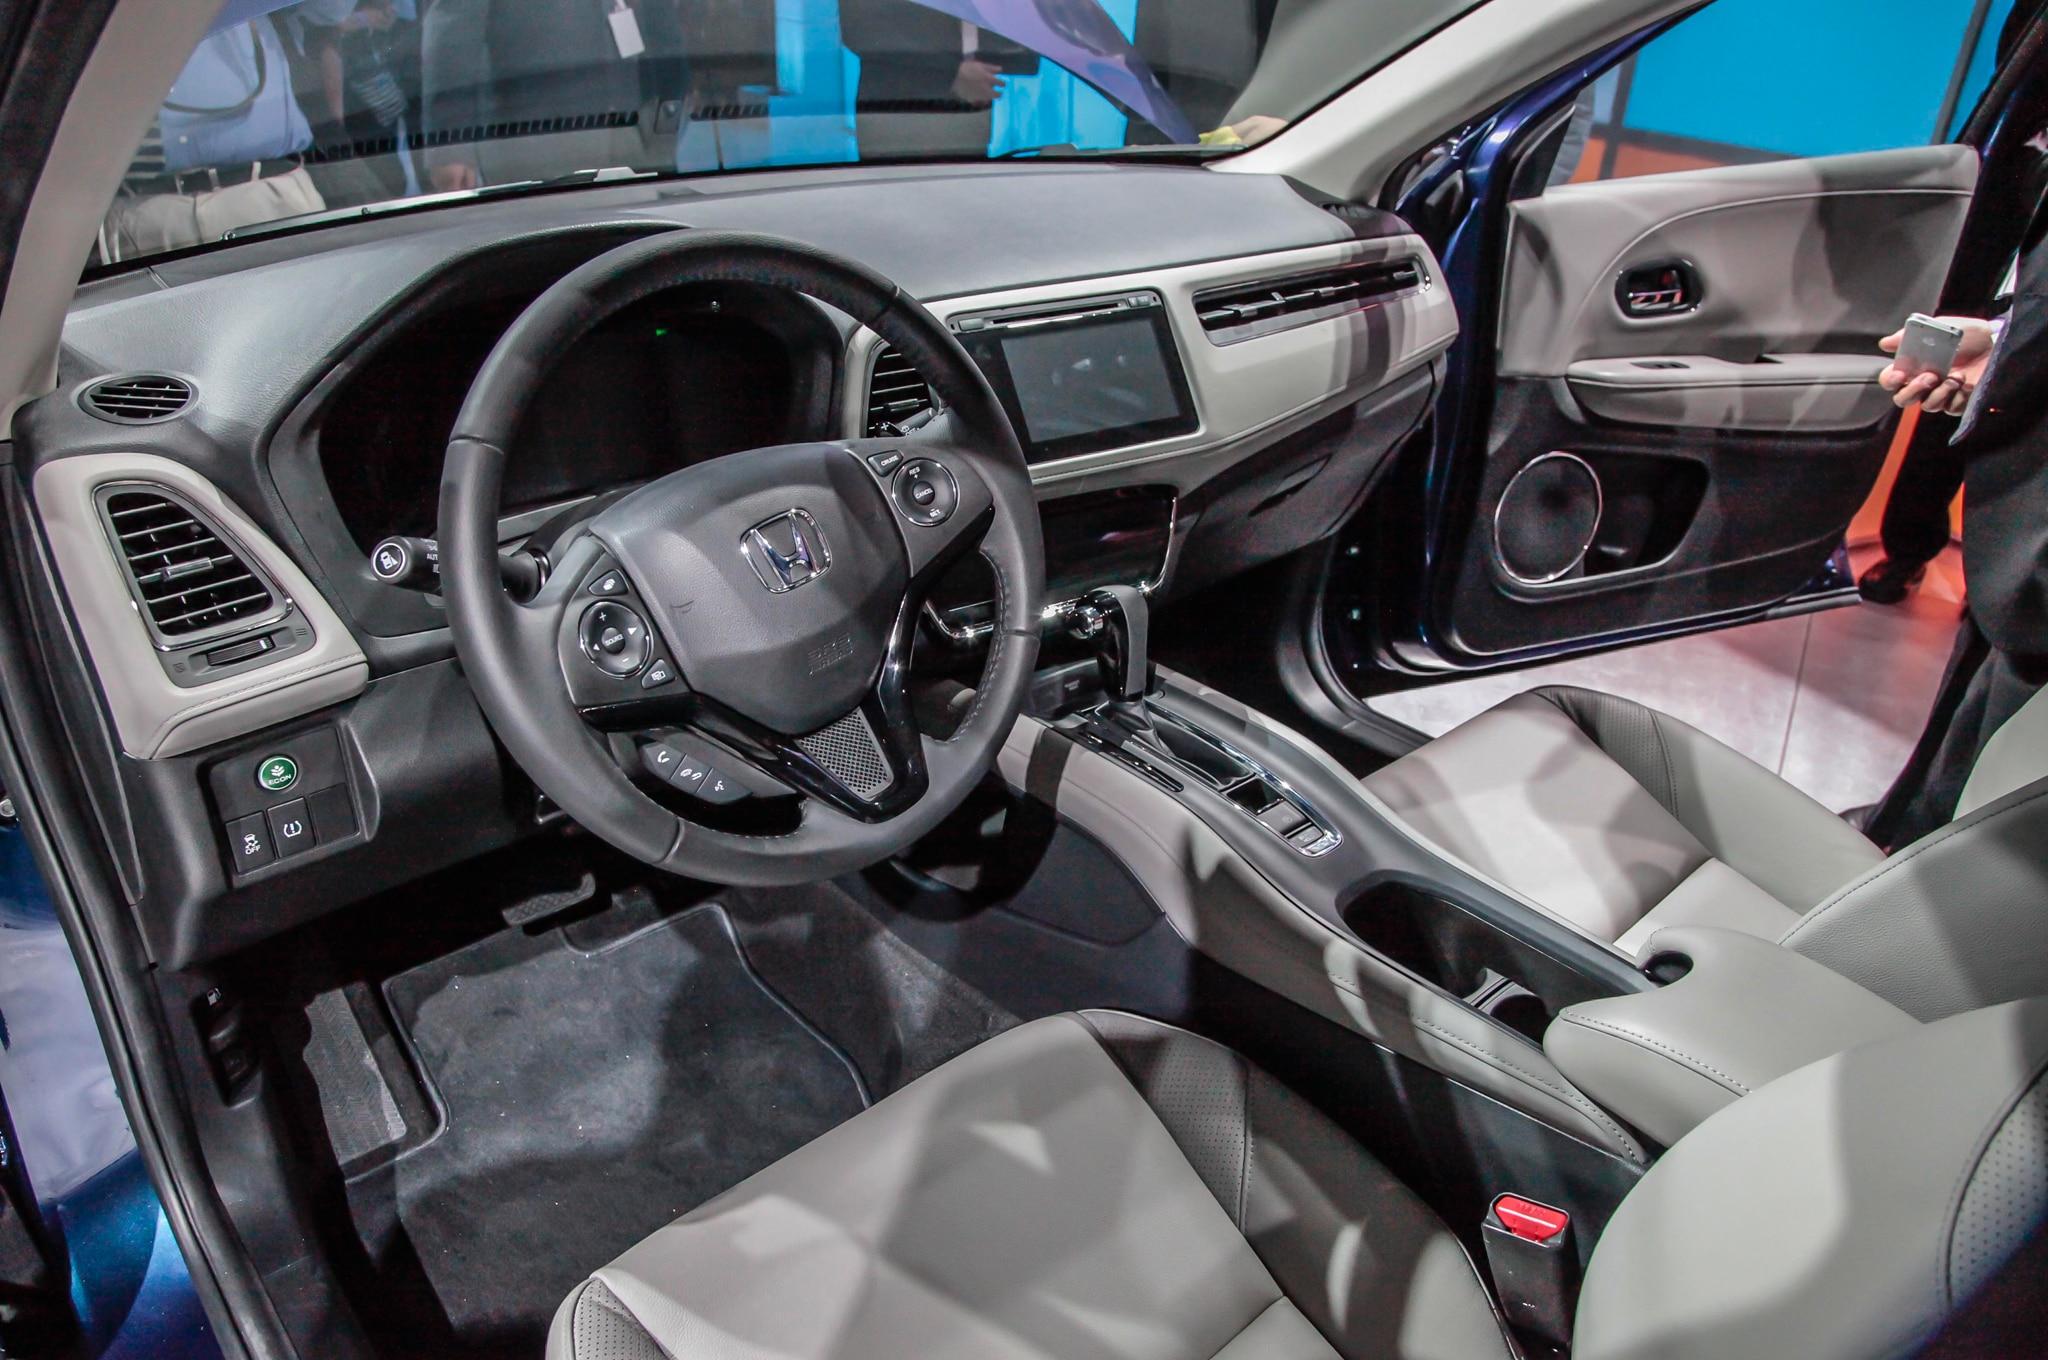 Honda vezel 2015 primer manejo for Honda hr v interieur